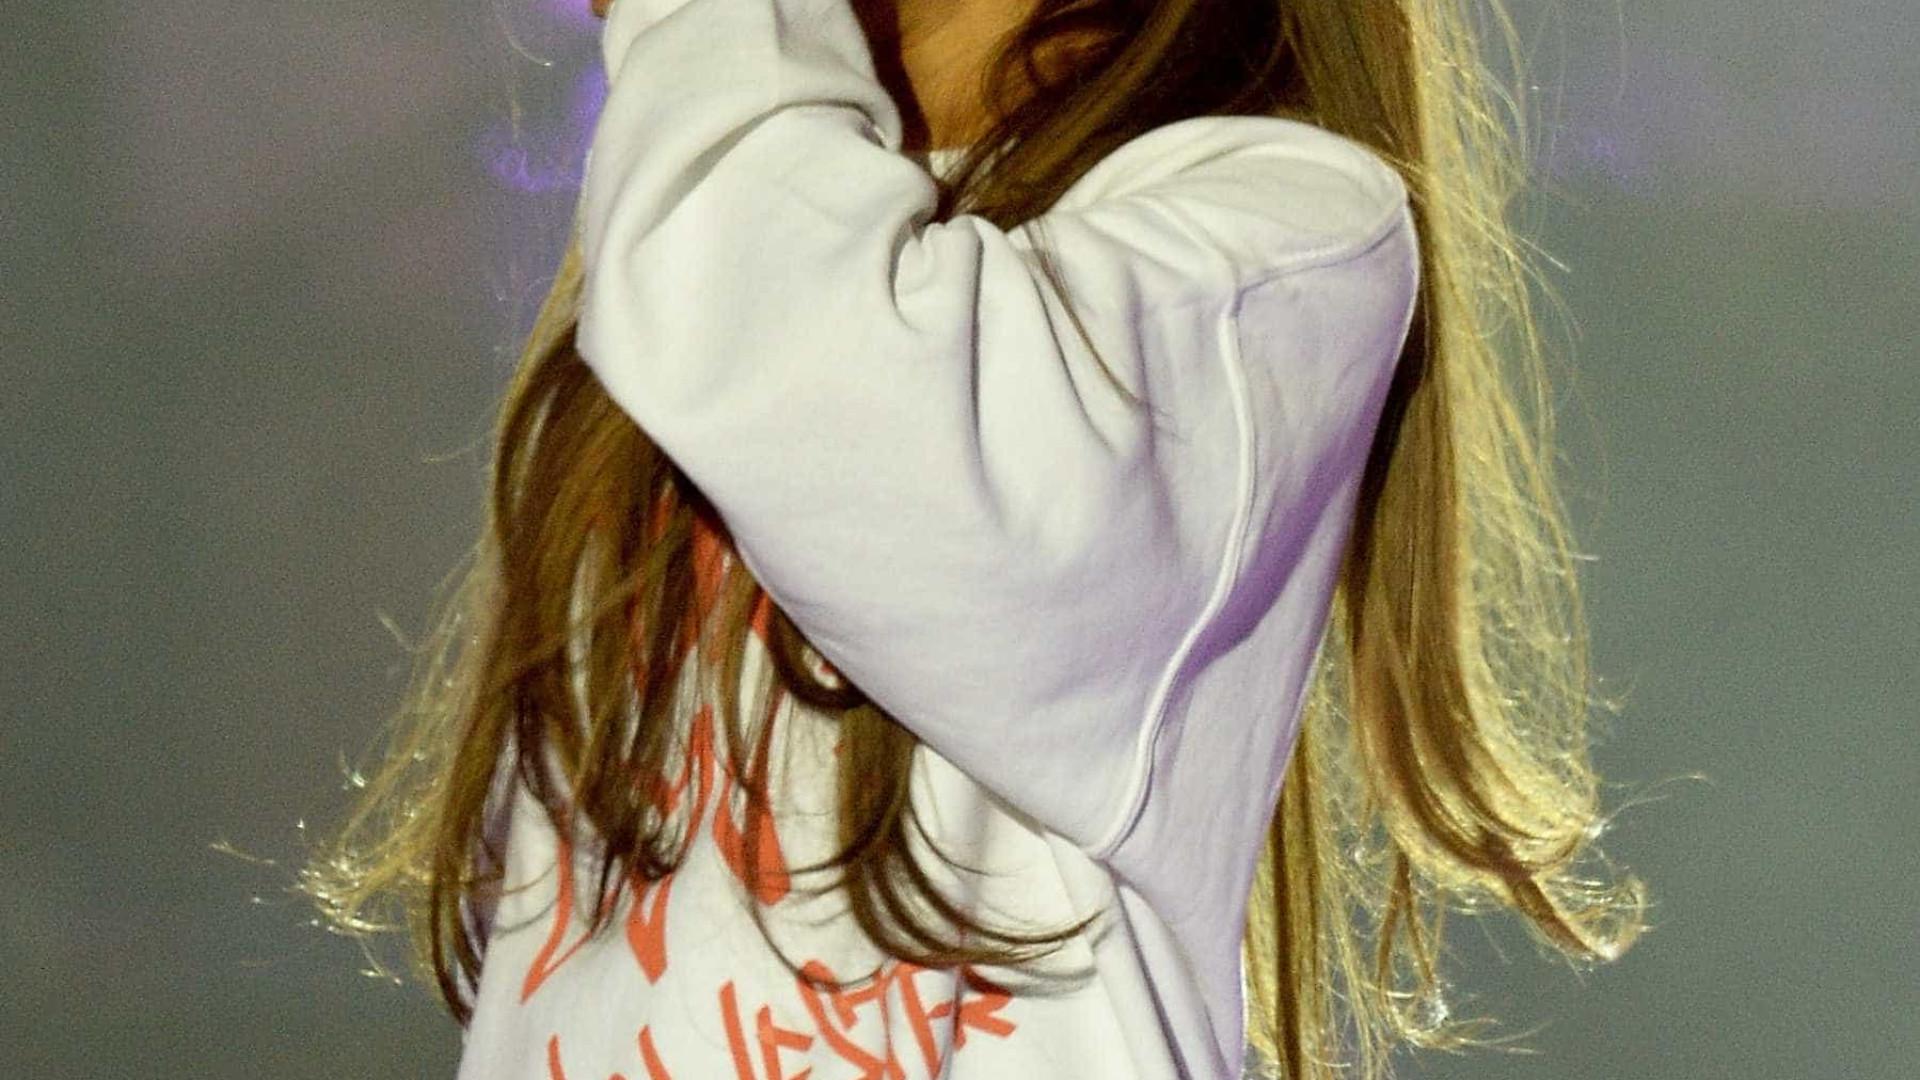 Família de Ariana Grande preocupada com saúde mental de cantora